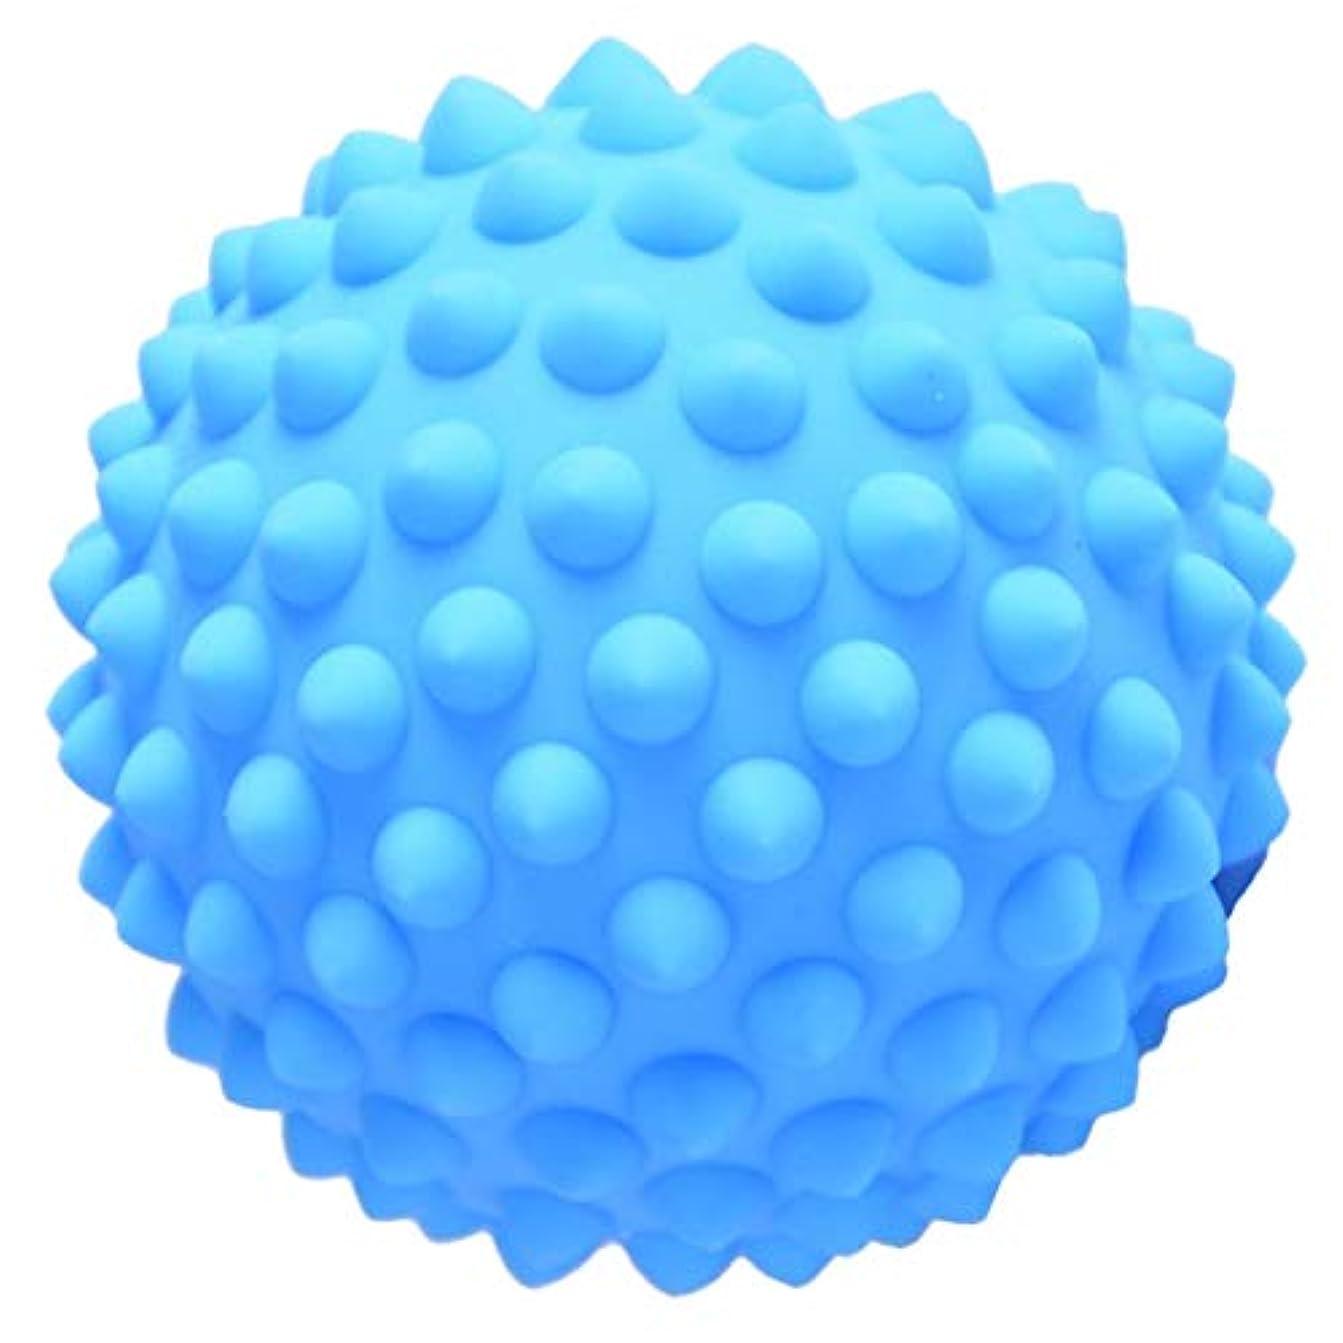 リーンボウリング上下するハードマッサージ マッサージボール ハード トリガーマッサージ ポインマッサージ 3色選べ - 青, 説明のとおり